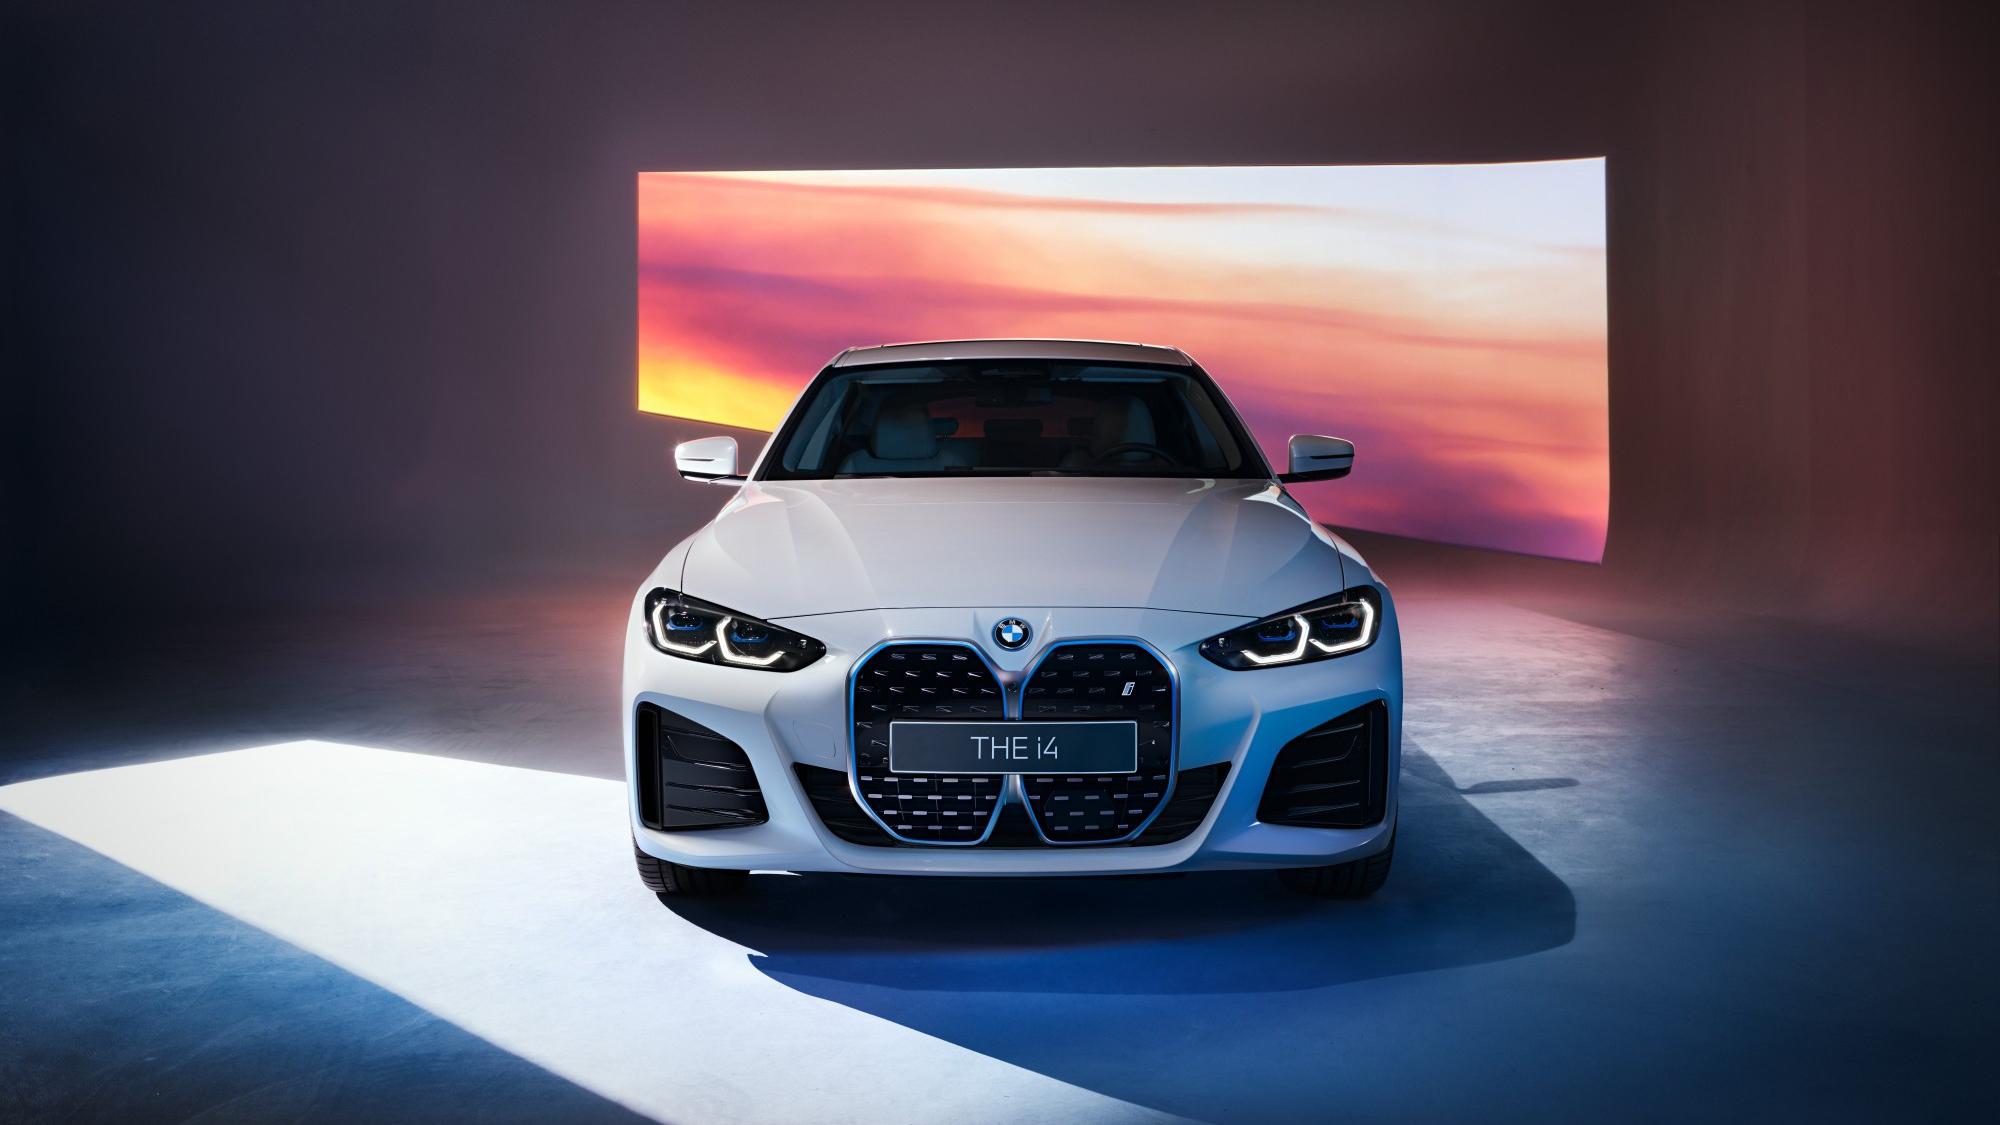 全新 BMW i4 擁有 530 匹最大馬力輸出,0-100 公里加速僅需 4 秒完成,最高續航里程達到 590 公里。